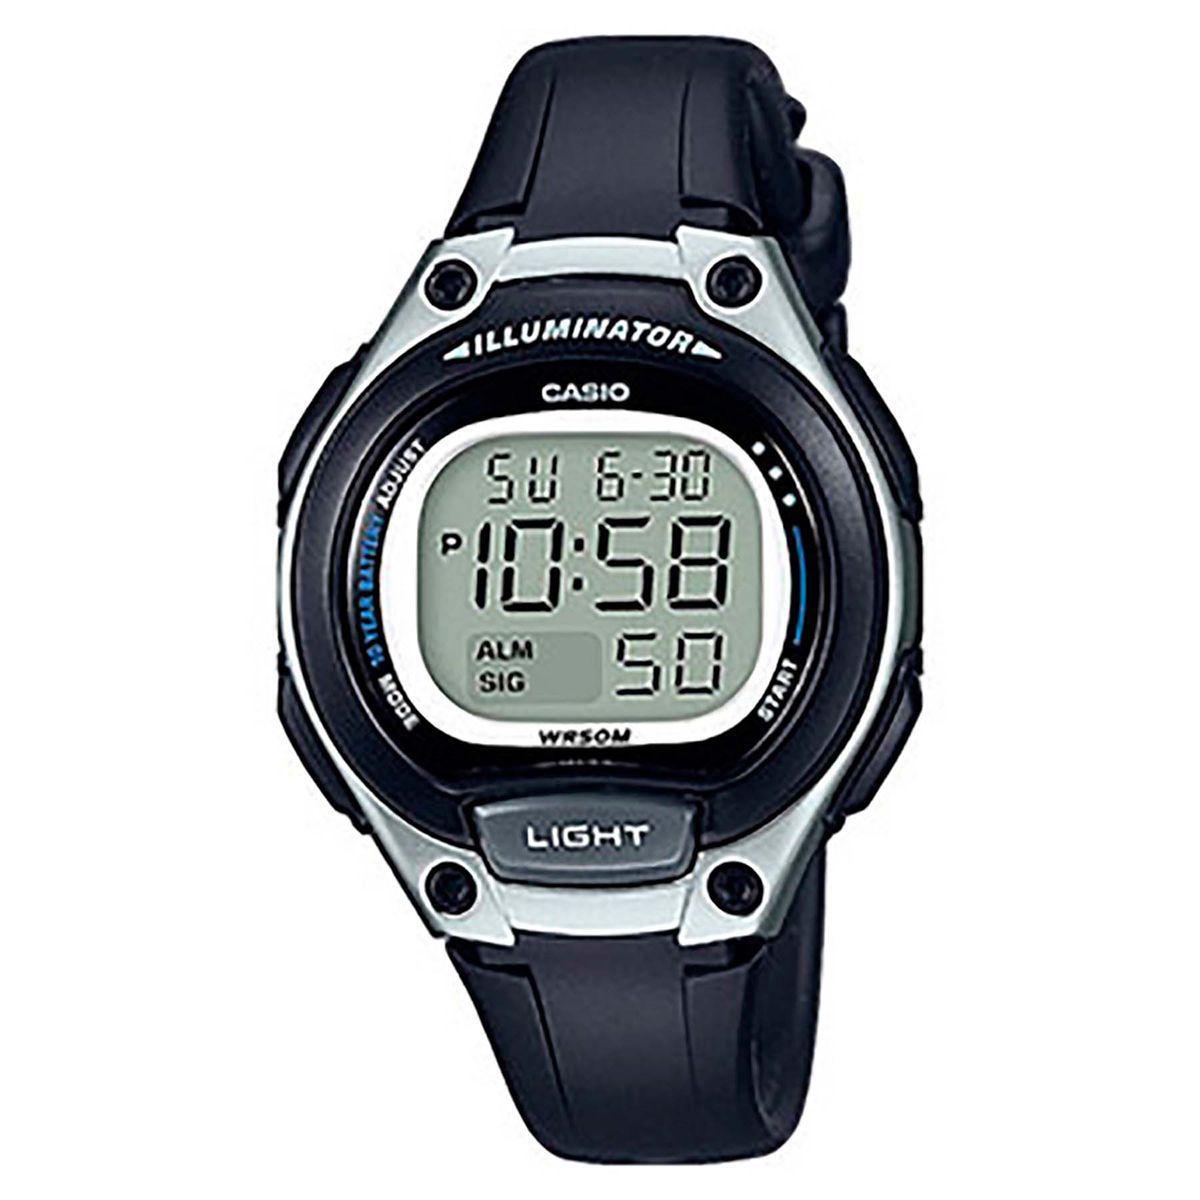 77ba73e3162 Relógio Casio Digital Feminino LW-203-1AVDF - Bateria de 10 anos Produto  não disponível